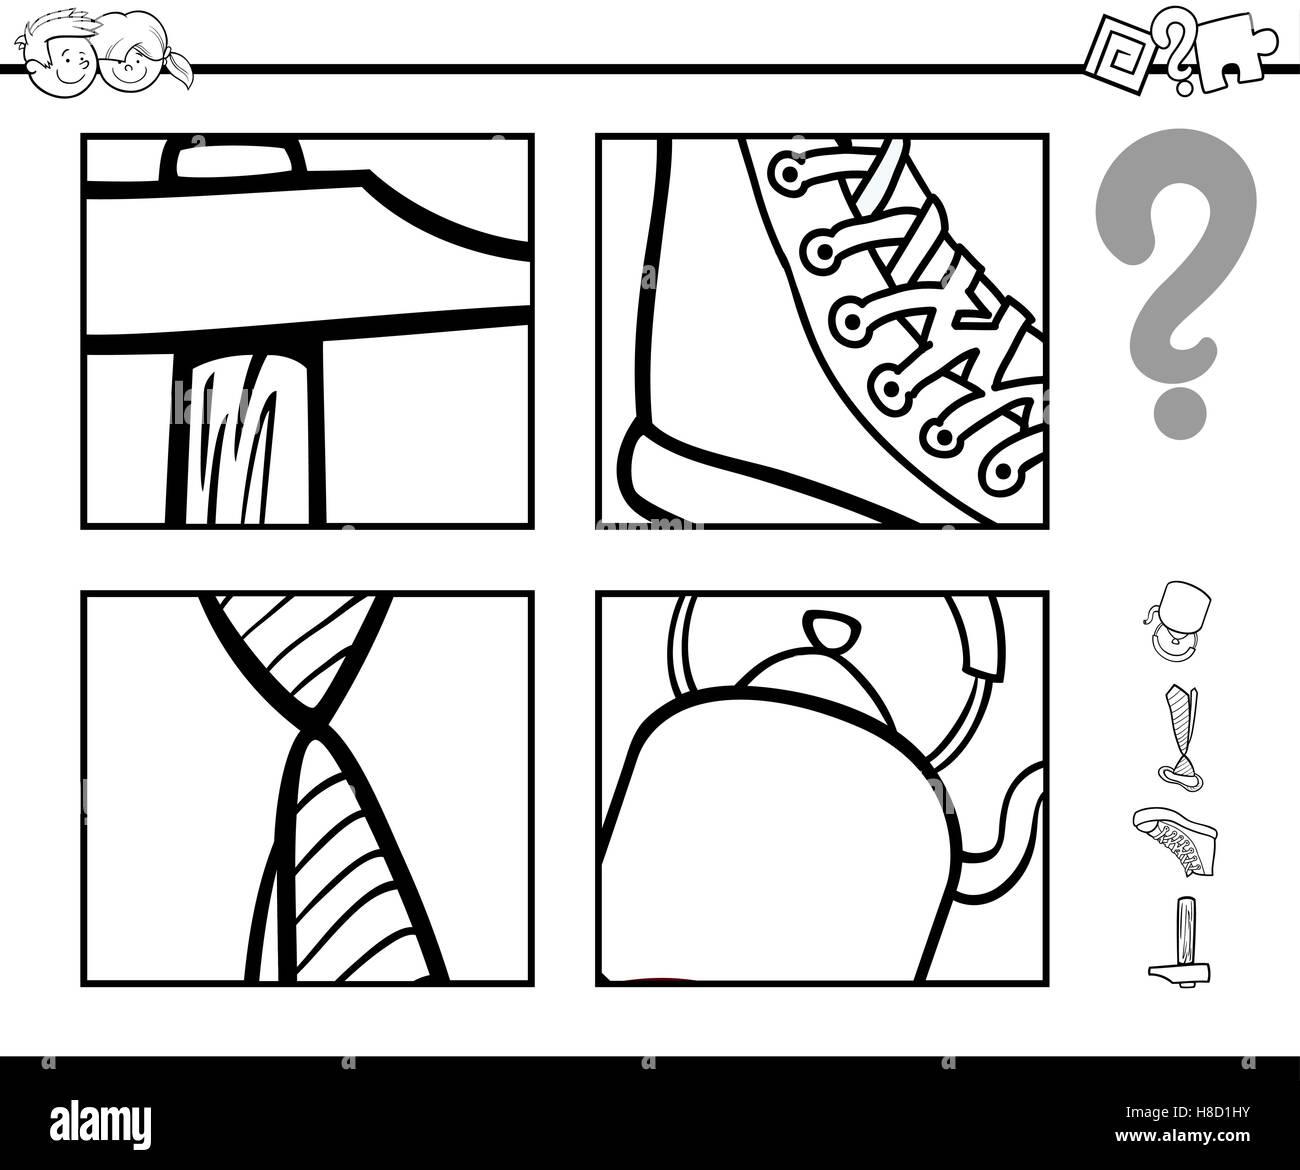 Shoe Design Drawing Stockfotos & Shoe Design Drawing Bilder - Seite ...